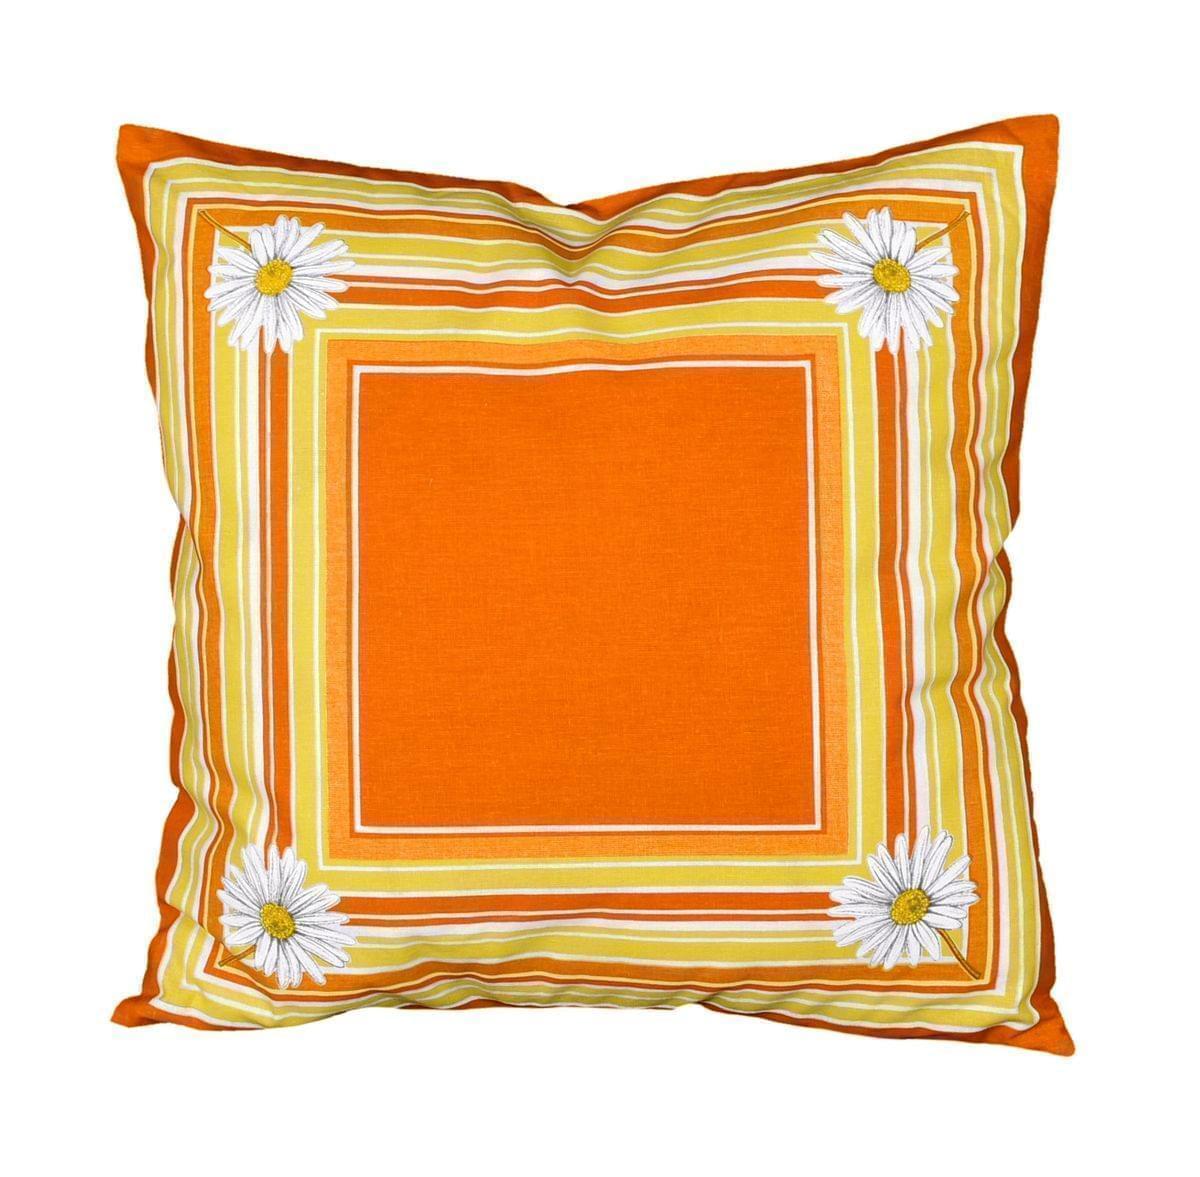 Forbyt, Vankúš, Margaréta, oranžový, 40 x 40 cm vankúš (návlek + vnútro)